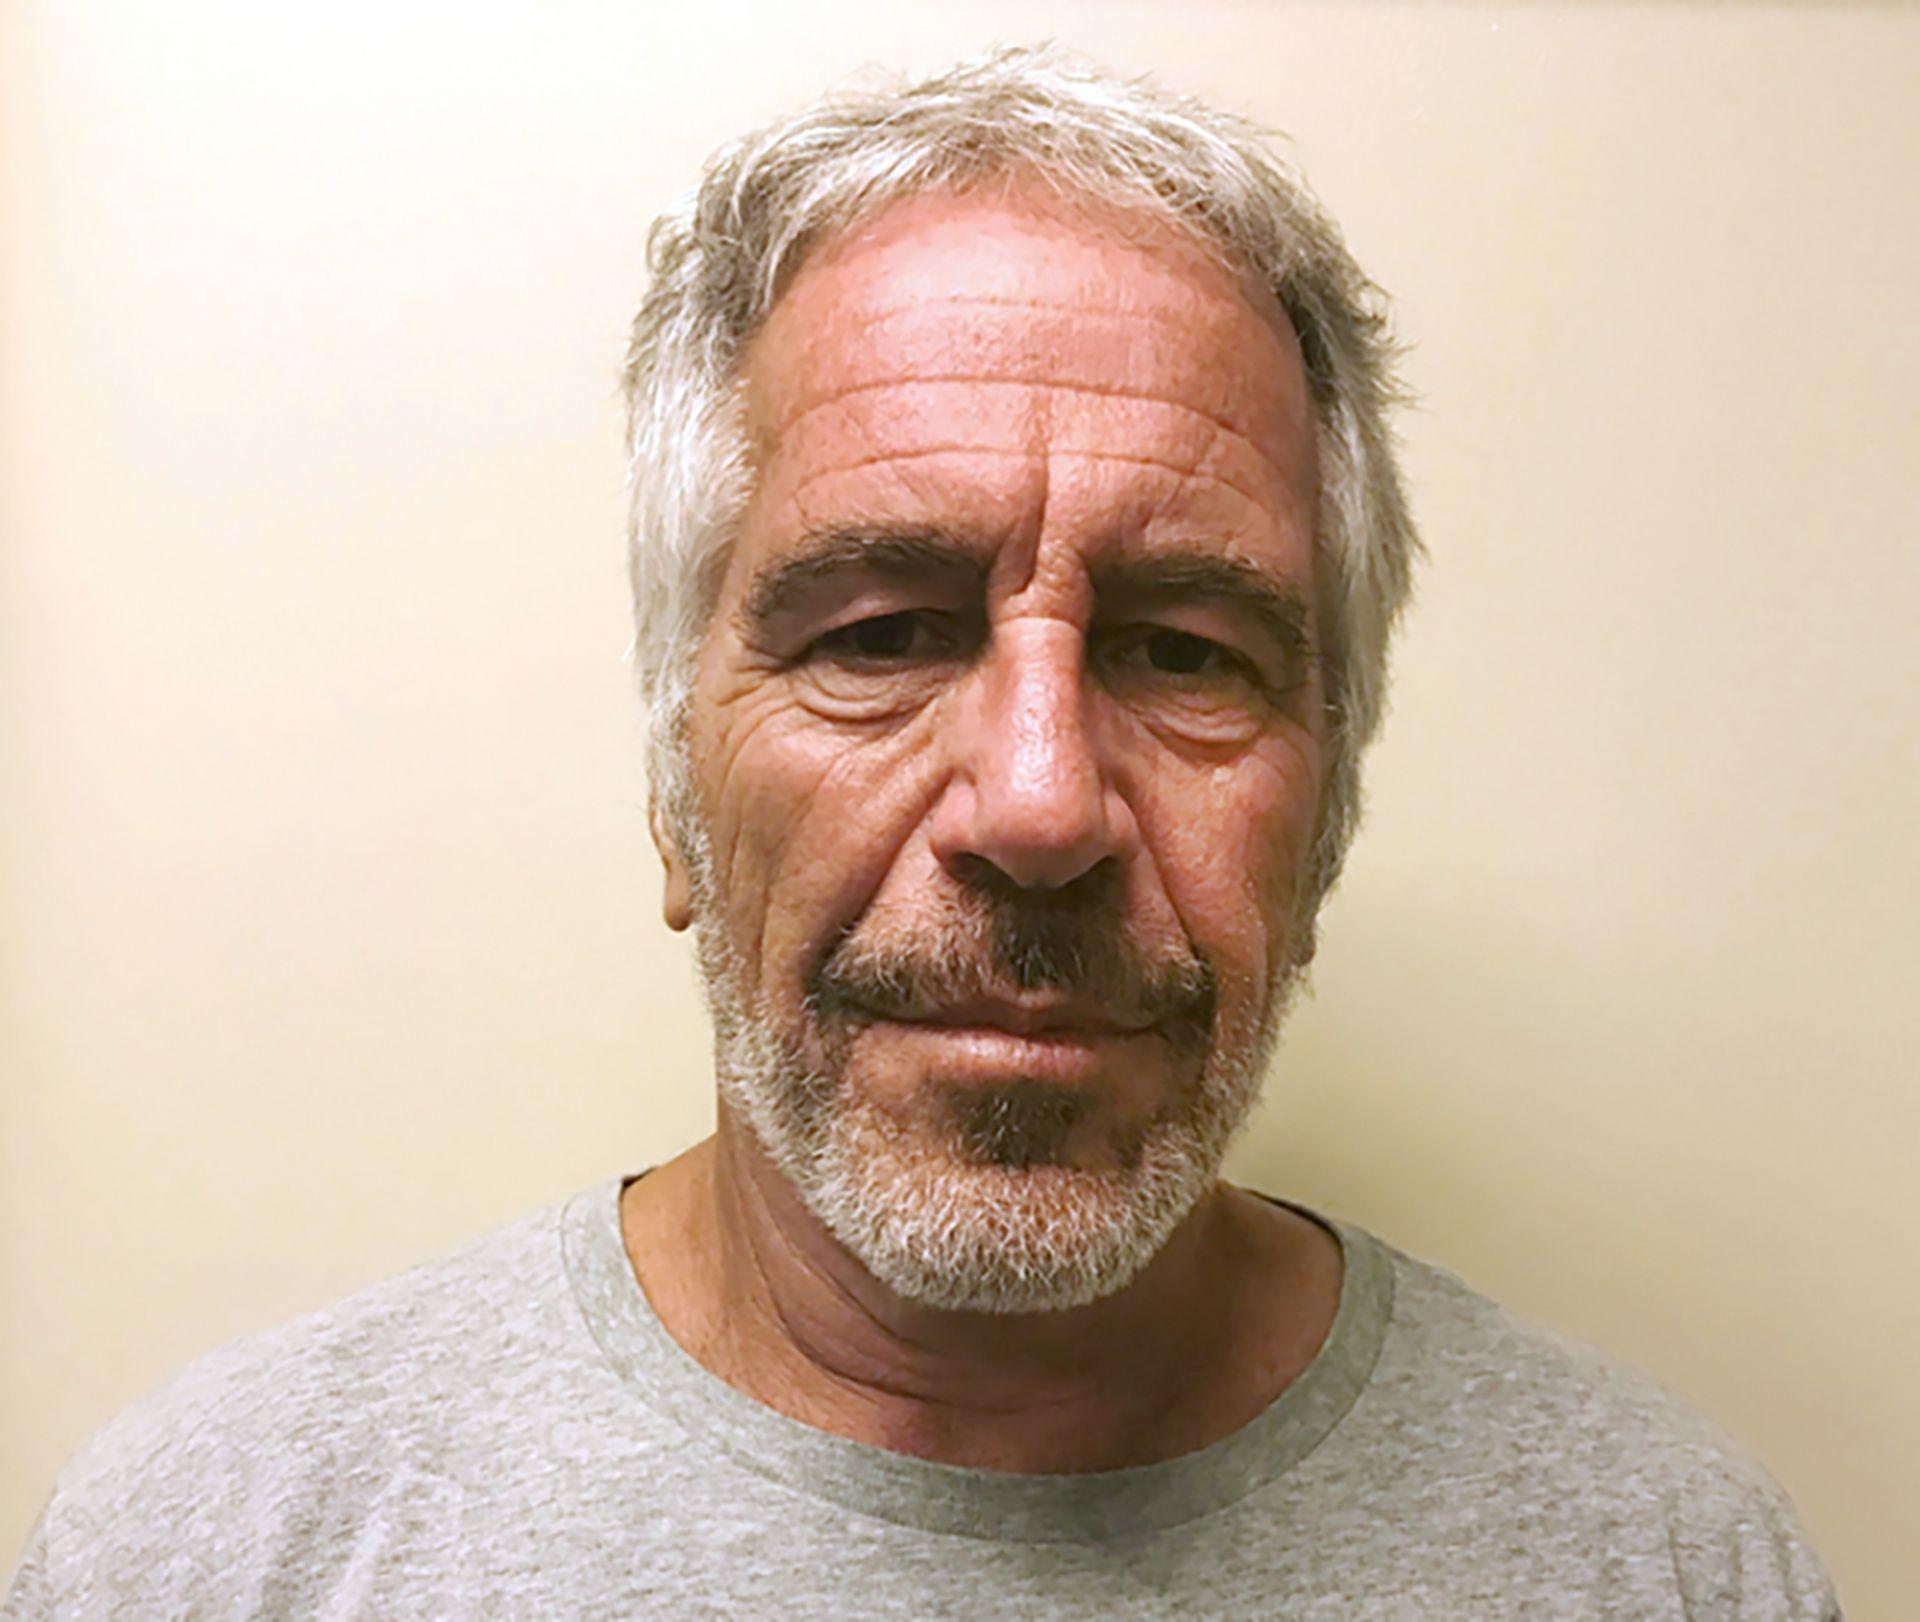 Тялото на Епстийн беше открито преди седмица в килията му